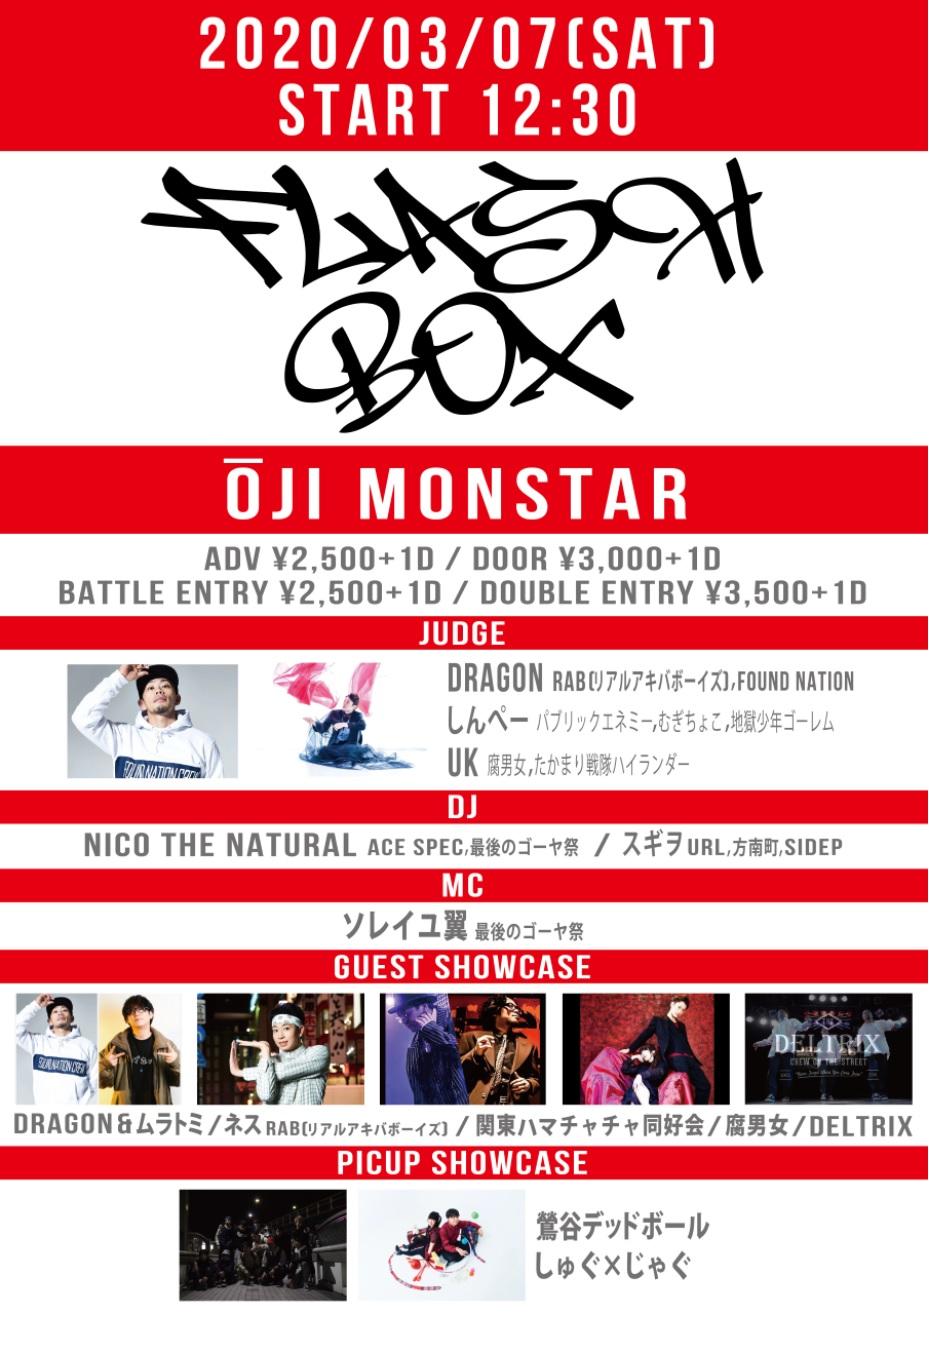 ジョイントダンススタジオイベント『FLASH BOX』